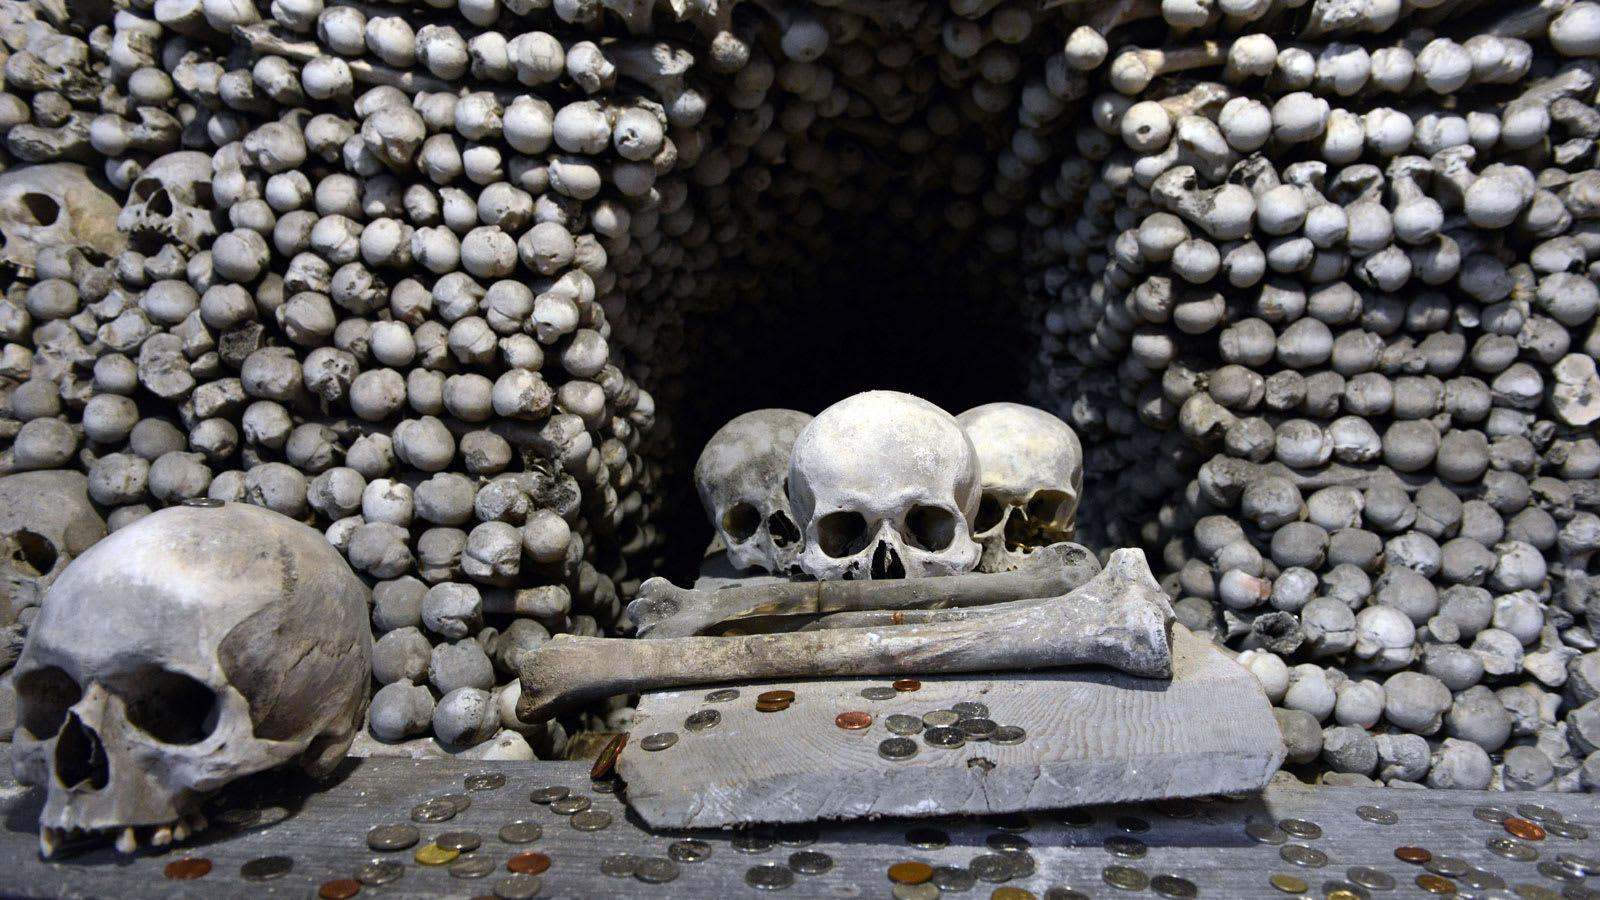 في هذه الوجهة السياحية كنيسة من عظام البشر.. هل تجرؤ على زيارتها؟